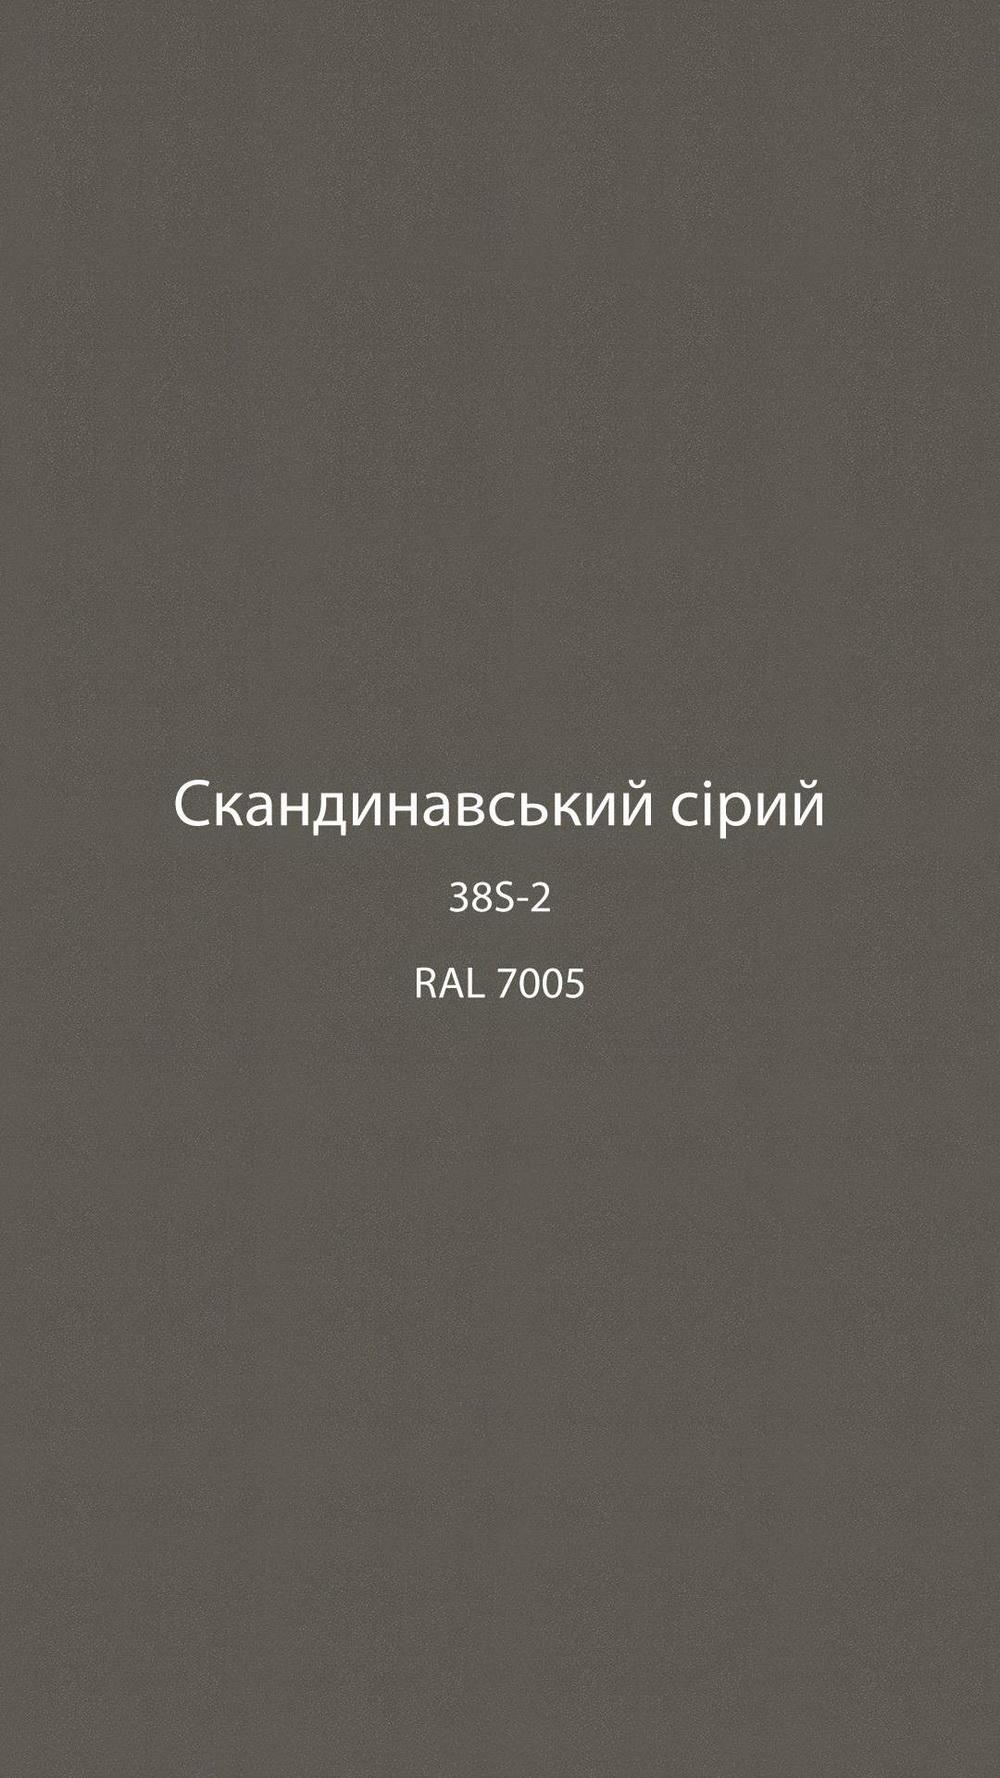 Скандинавський сірий - колір ламінації профілів заводу EKIPAZH